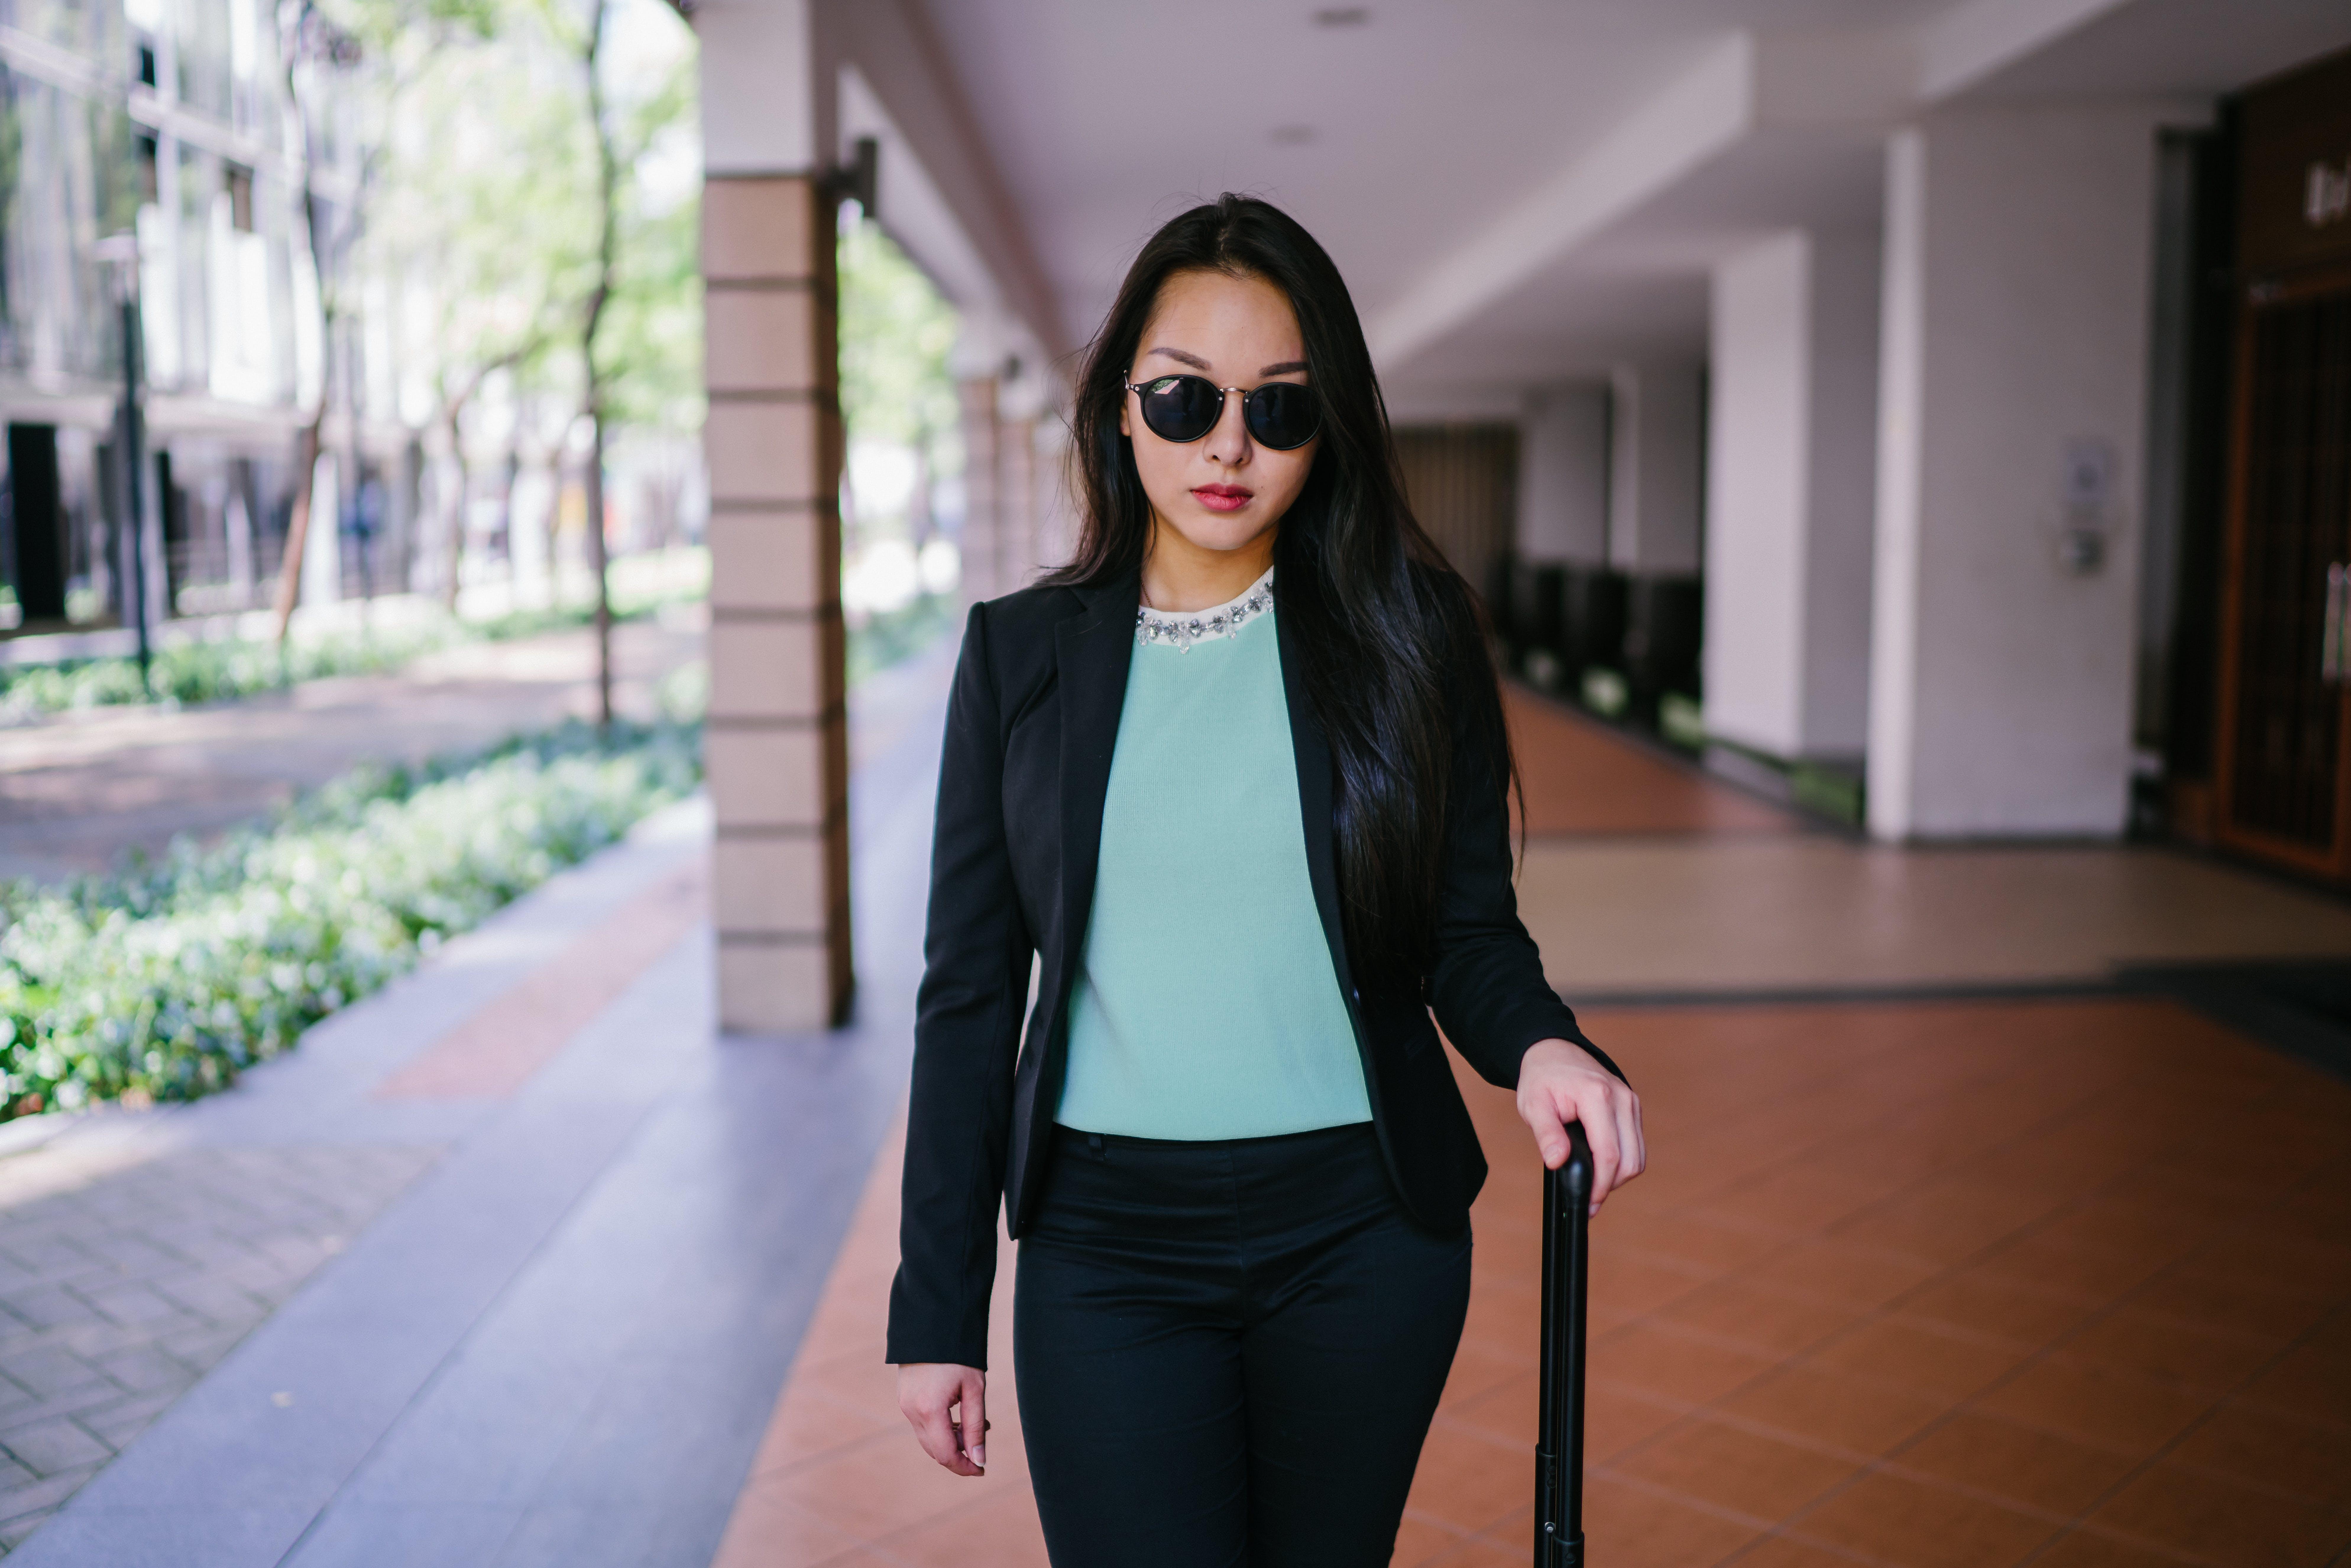 アウトドア, アジアの女性, アジア人, アジア人の女の子の無料の写真素材